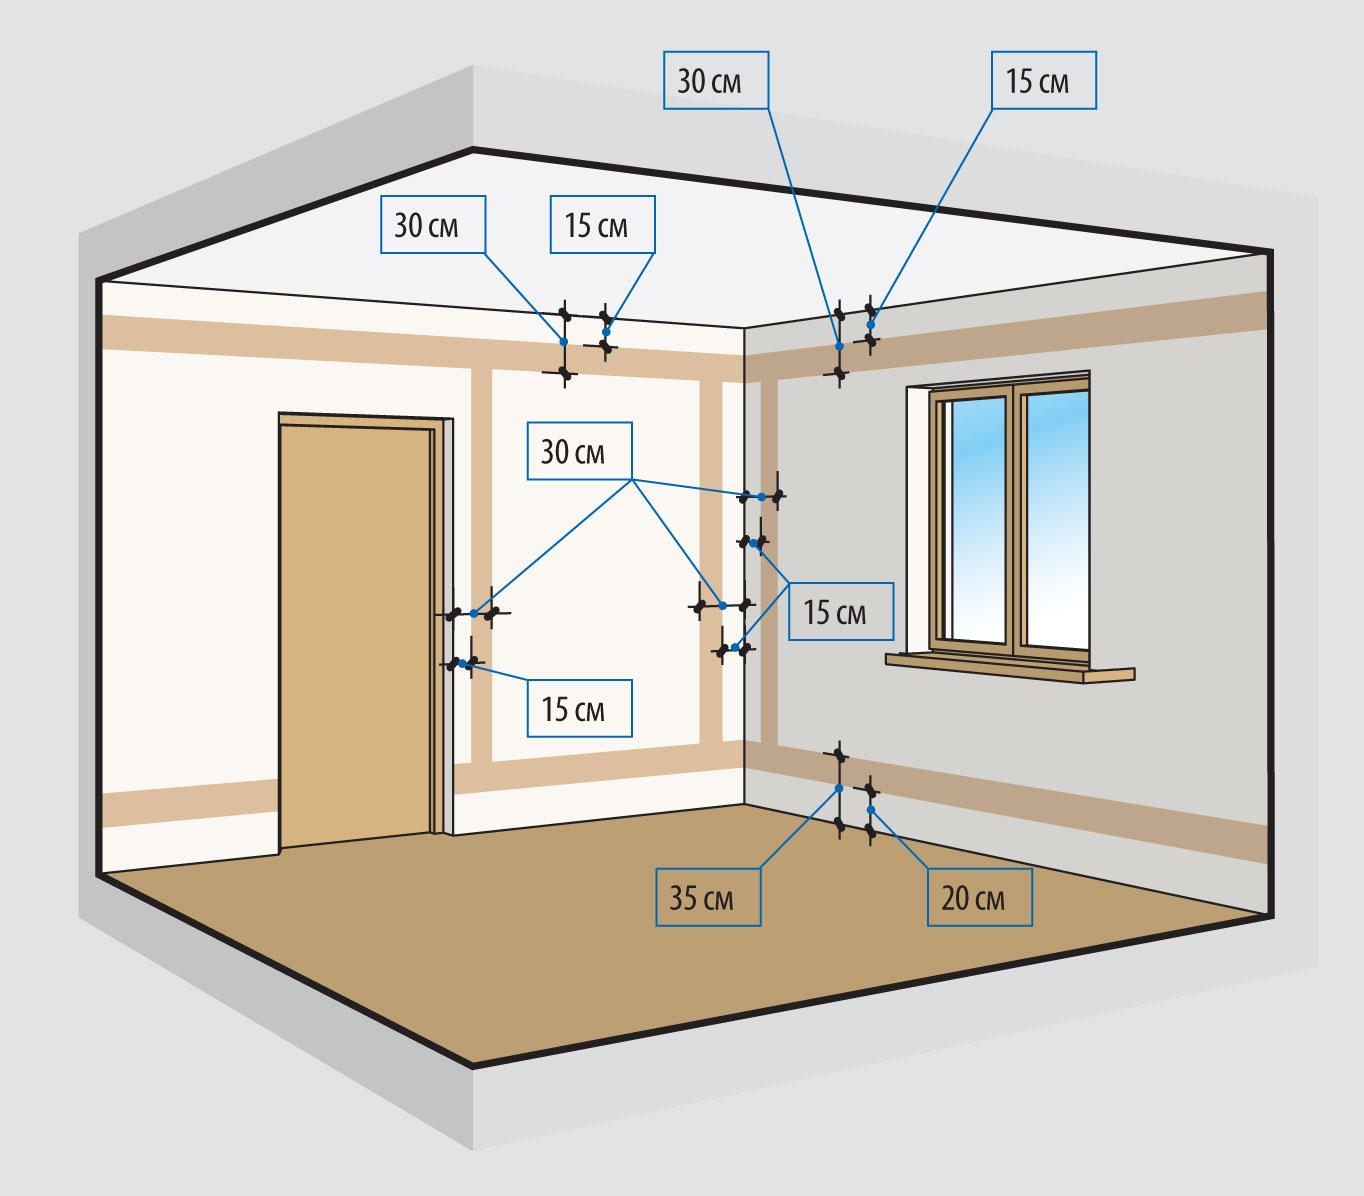 Сделать электропроводку в частном доме своими руками